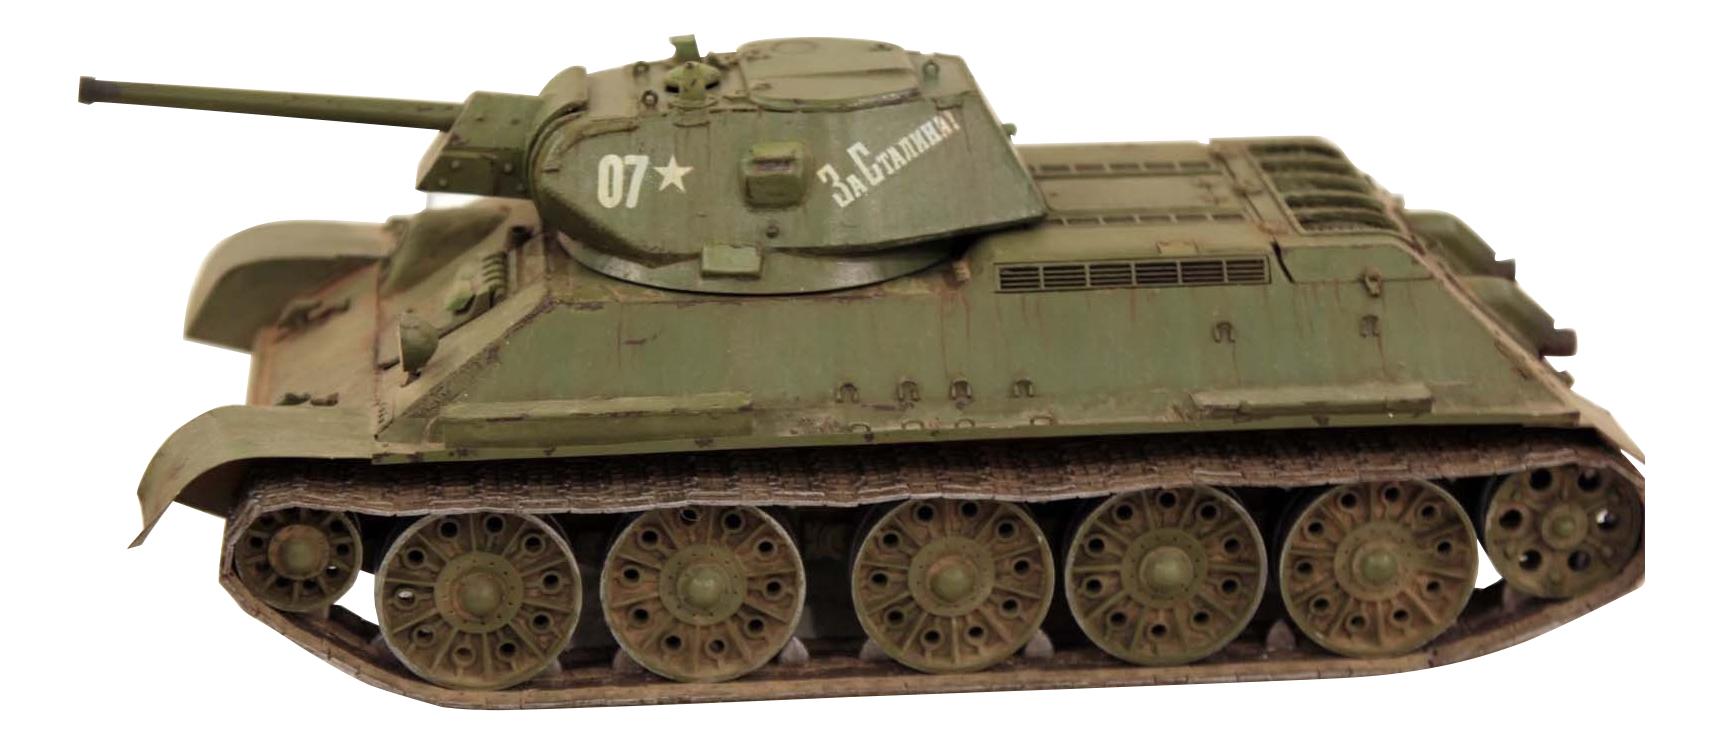 Модель для сборки Zvezda Советский средний танк Т-34/76